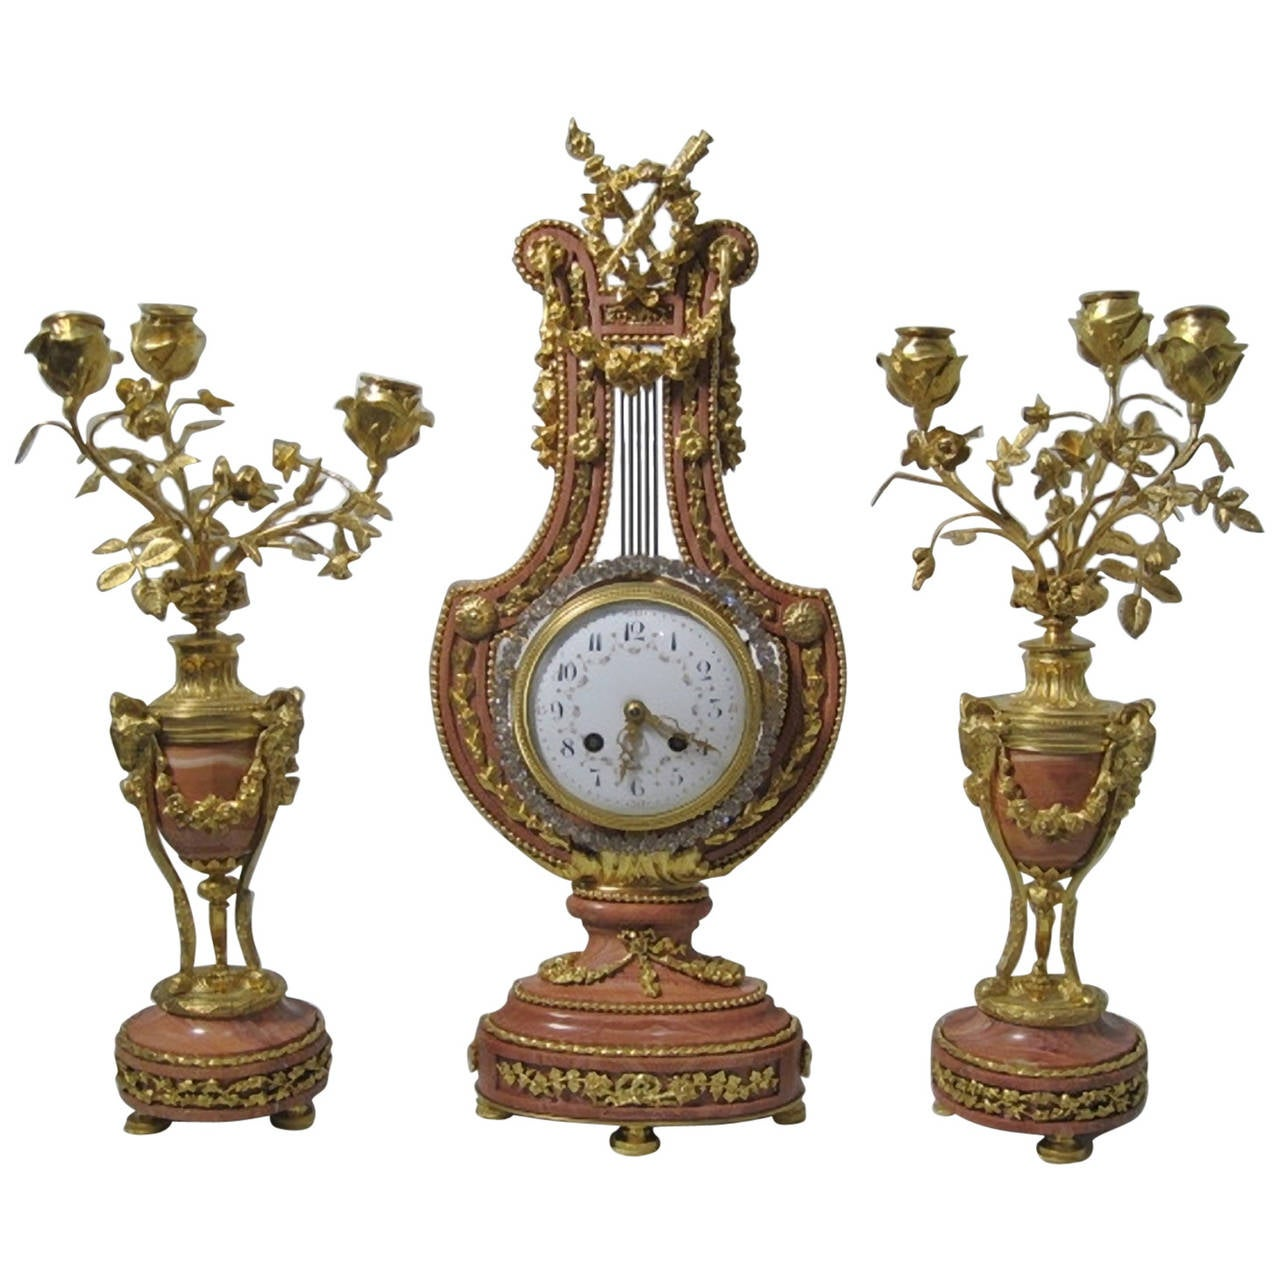 Lyre Form Clock Garniture, Louis XVI Manner, 19th Century